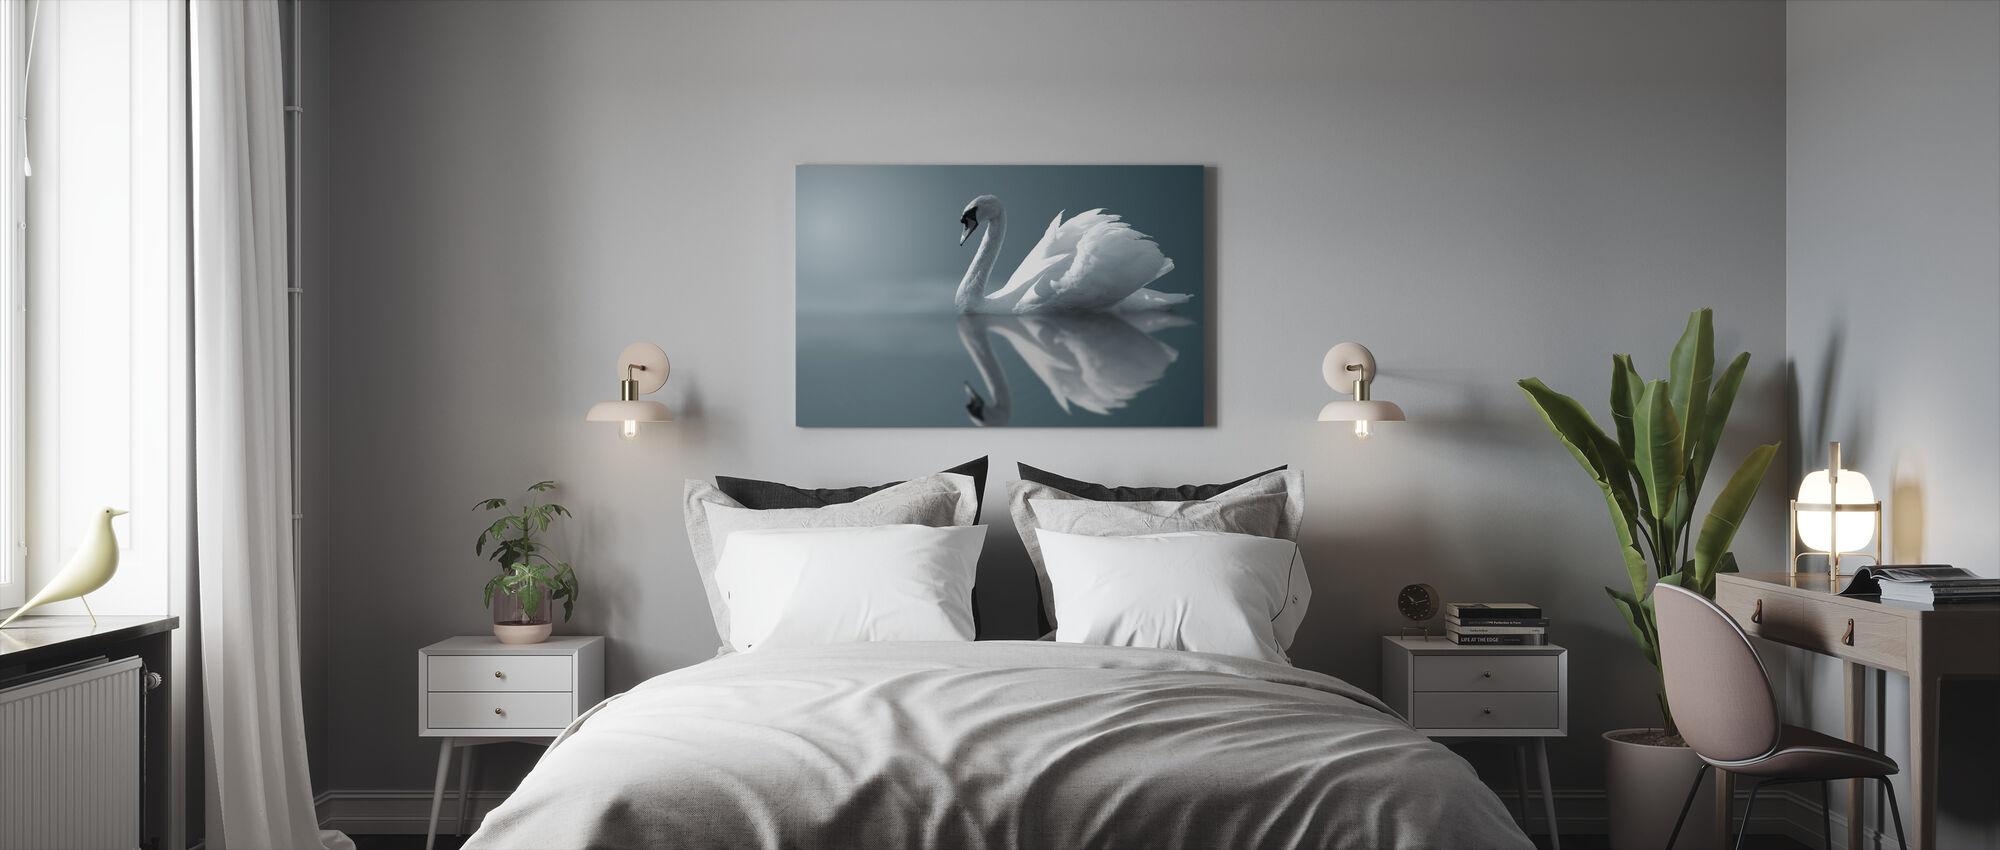 Joutsenen heijastus - Canvastaulu - Makuuhuone